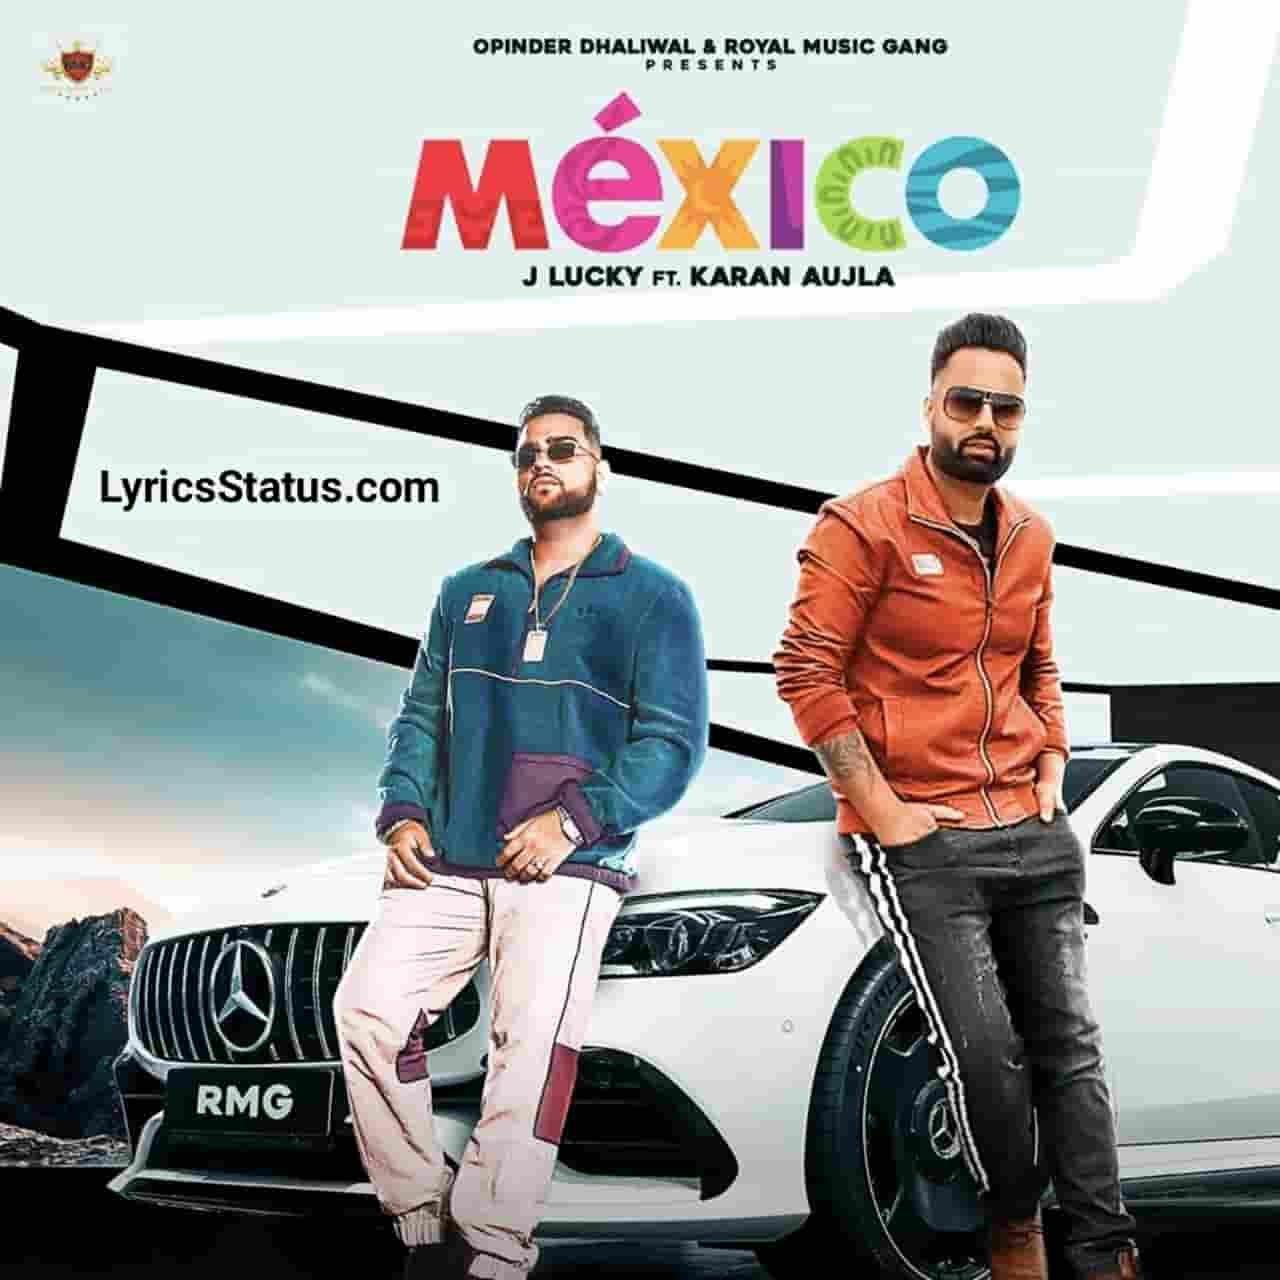 J Lucky Mexico Karan Aujla Lyrics status download punjabi song Party karan Mexico jayi da Vailpuna kara vailiyan de town ch black backgroundstatus